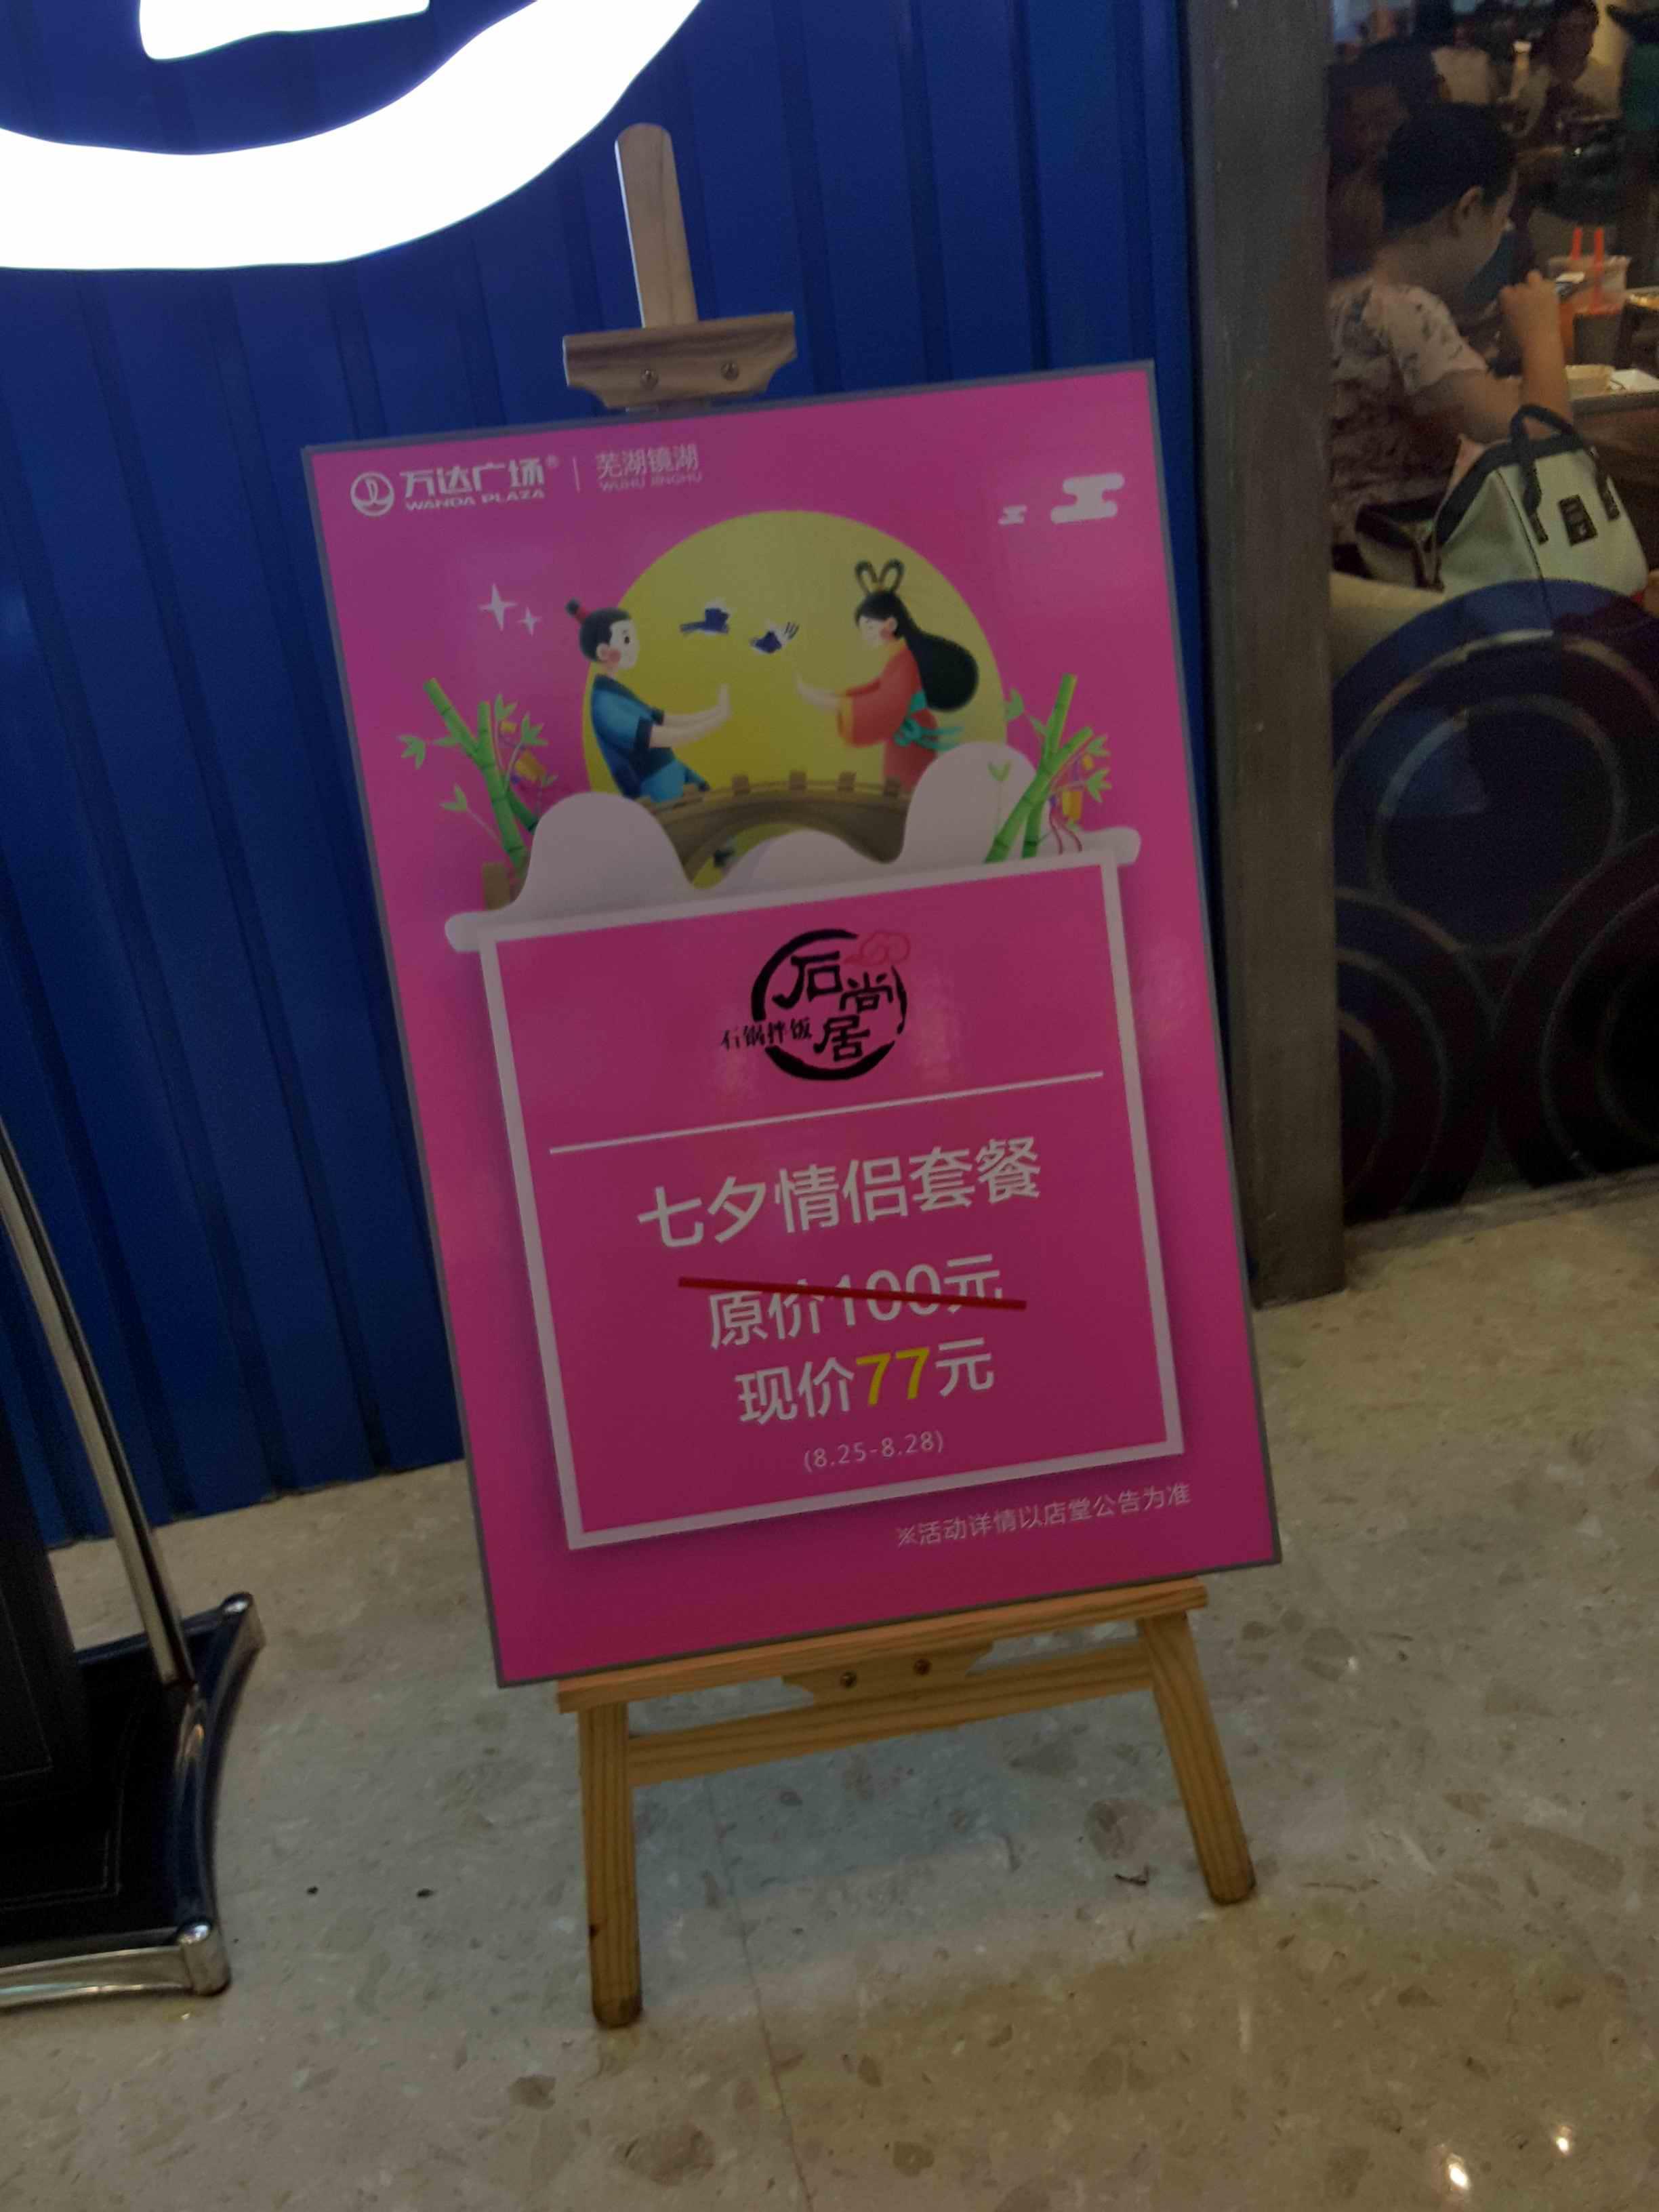 七夕节,摄影师发现街上花店生意没有饭店好,原来当情侣优惠多!图片